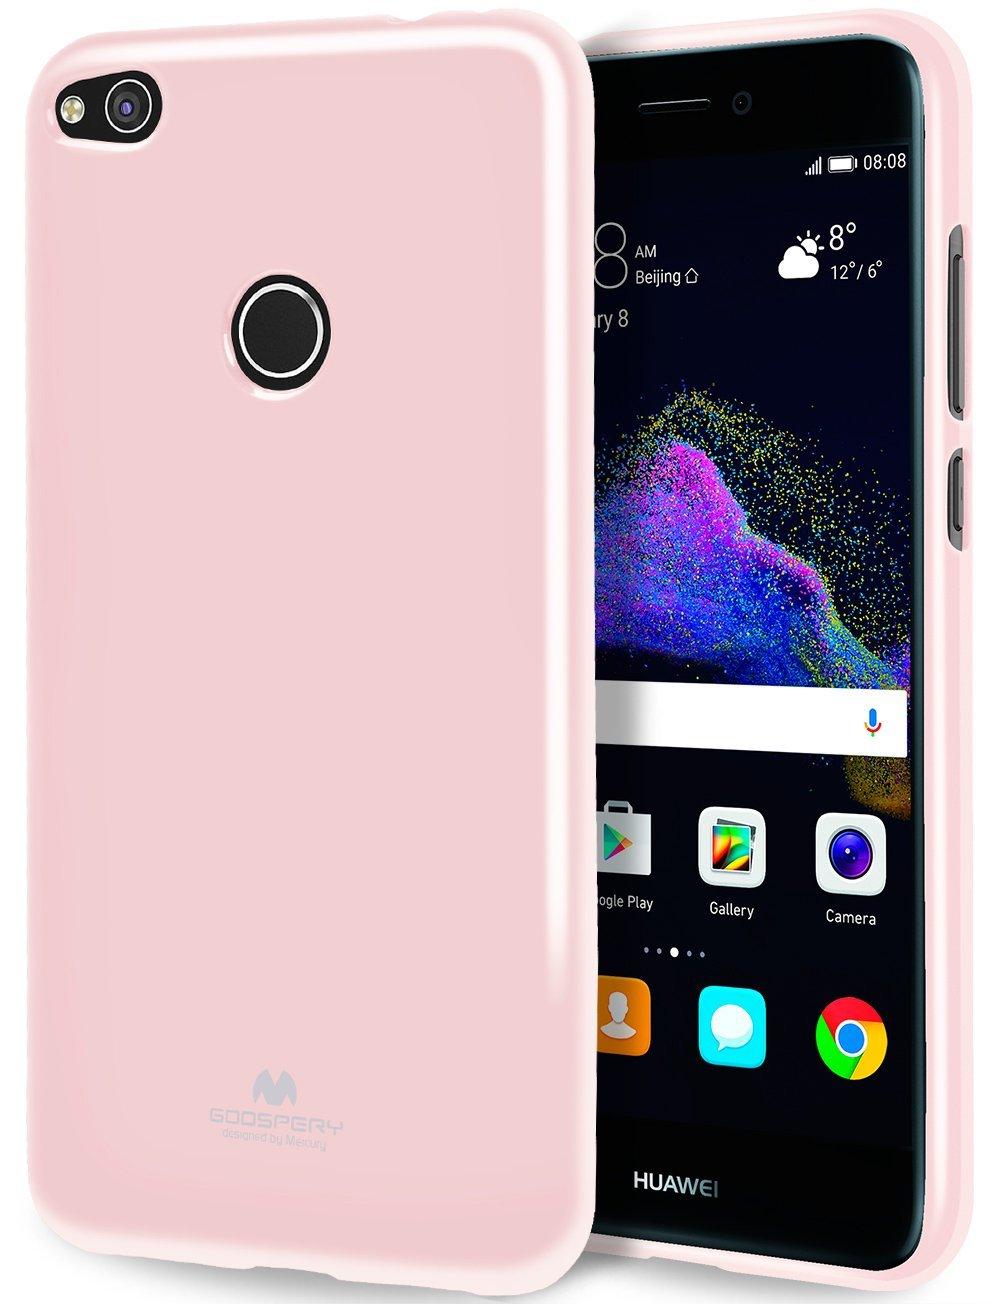 Pouzdro / kryt pro Huawei P8 LITE / P9 LITE (2017) - Mercury, Jelly Pink